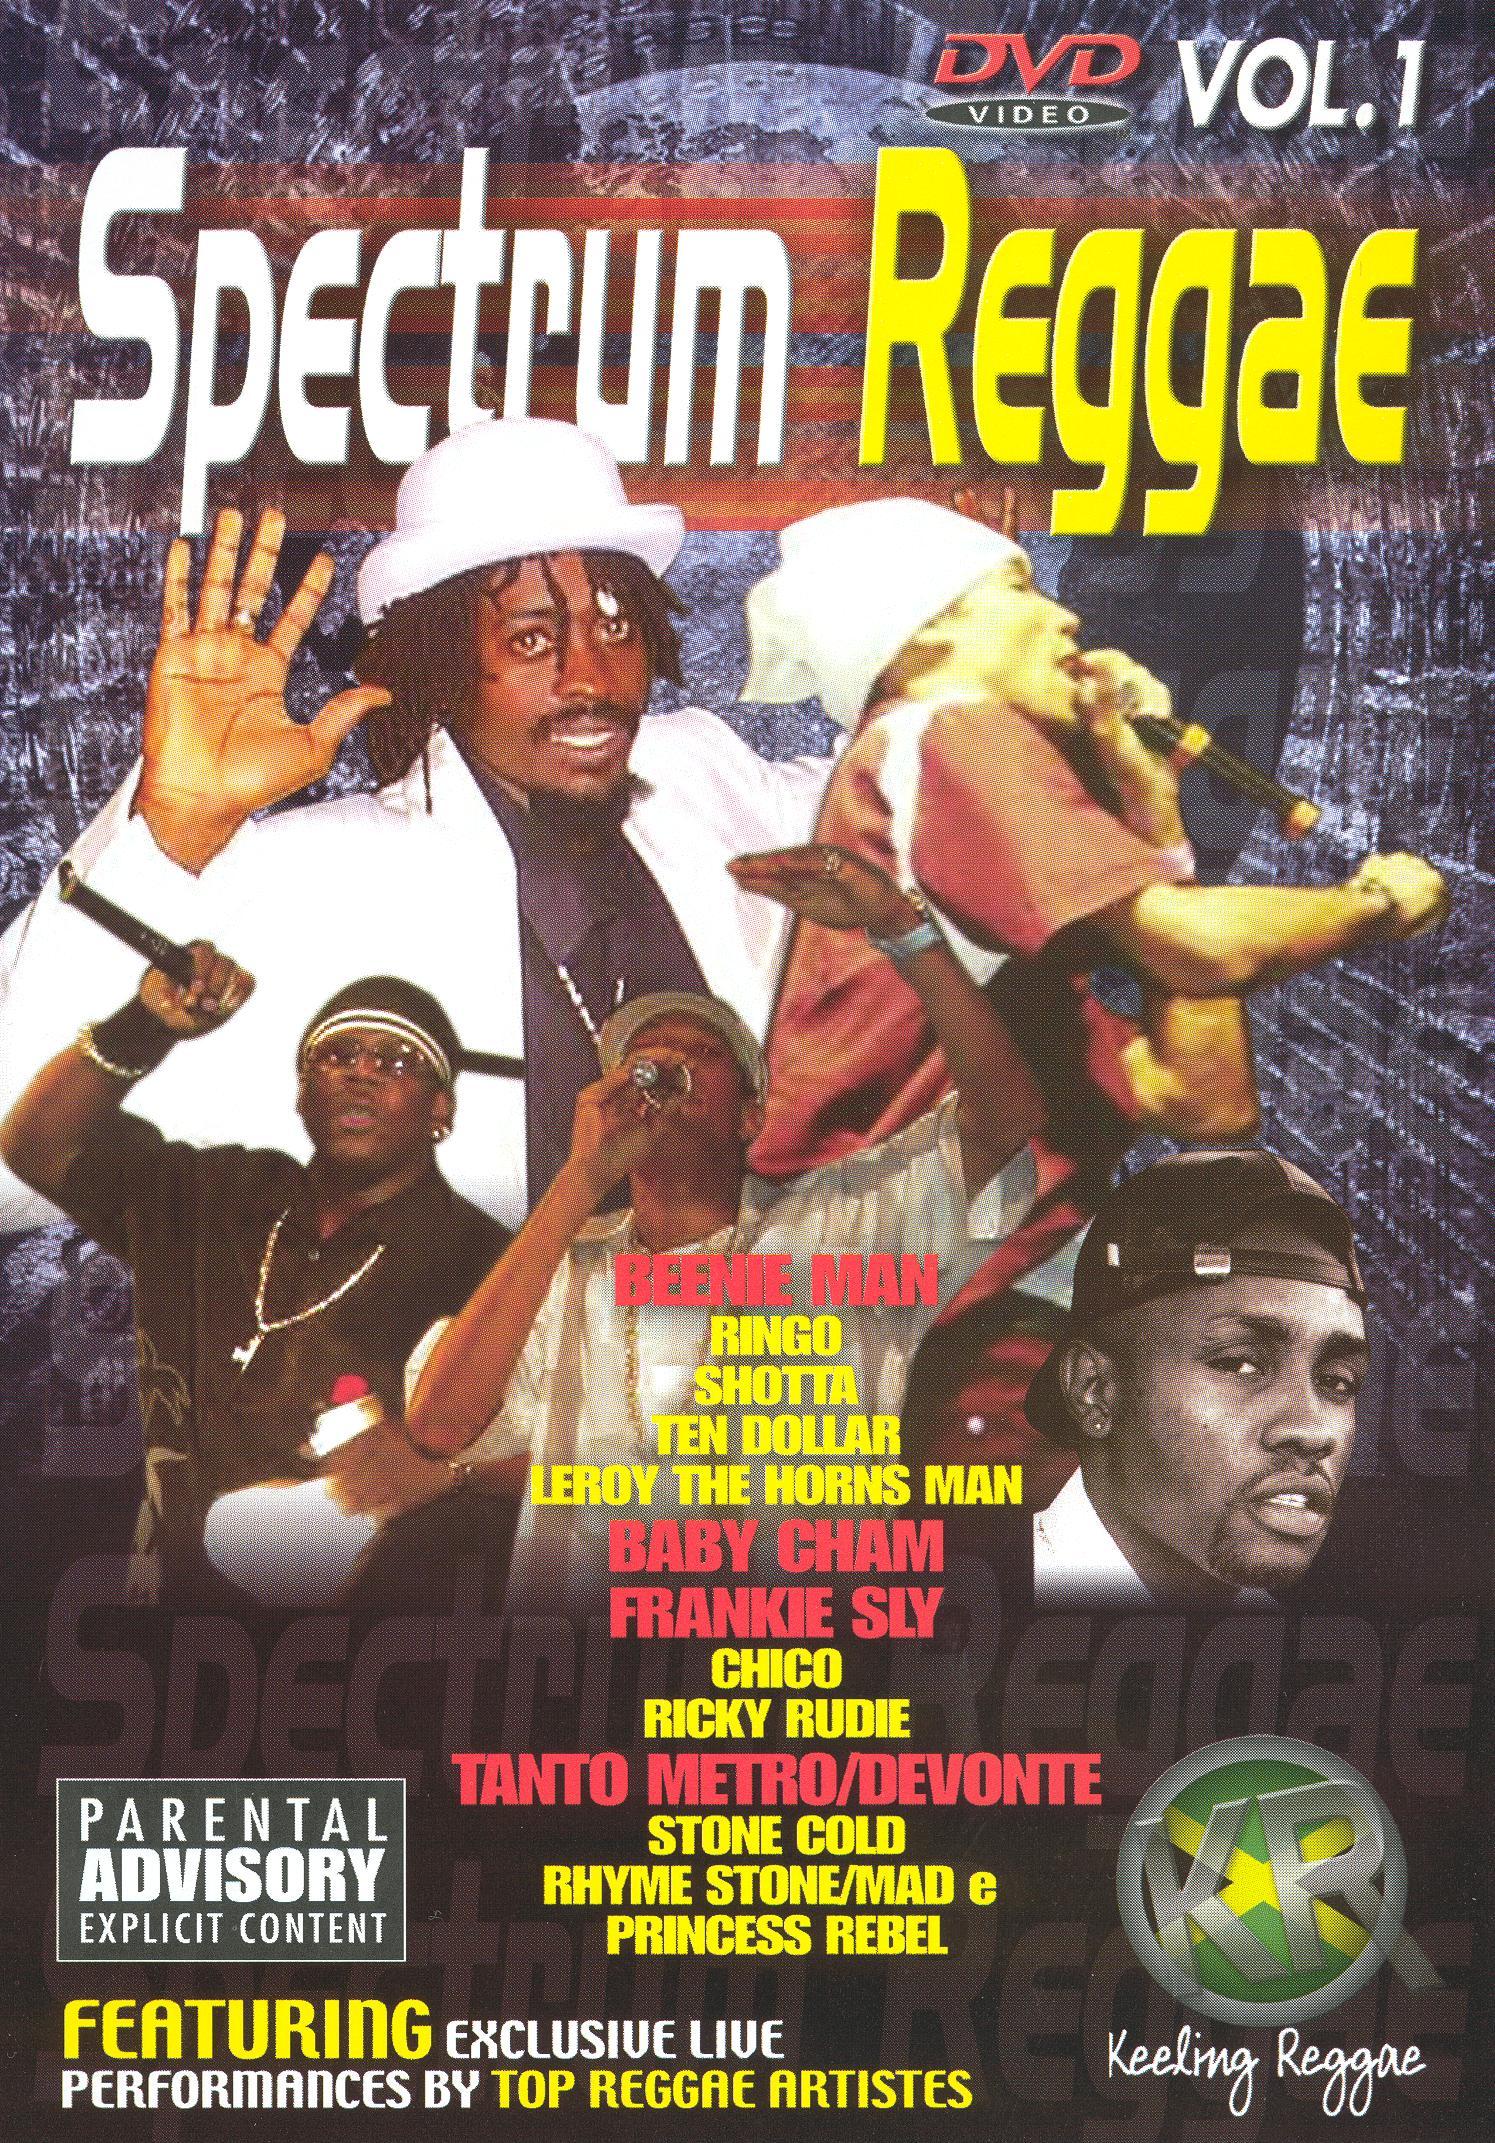 Spectrum Reggae, Vol. 1